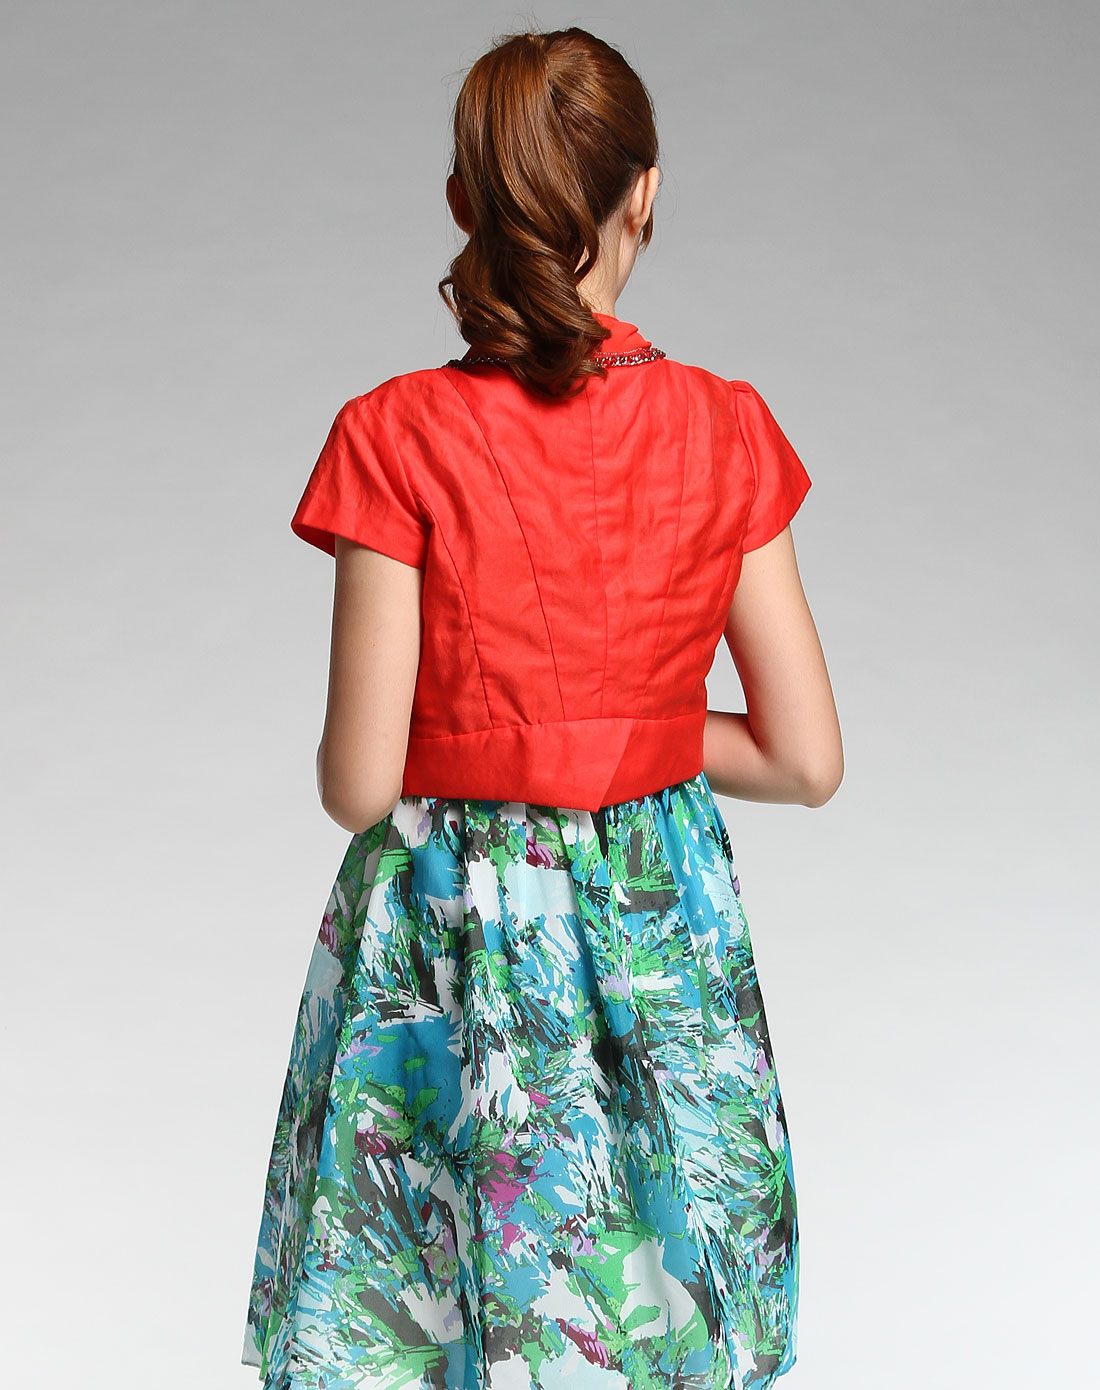 女款红色短袖上衣